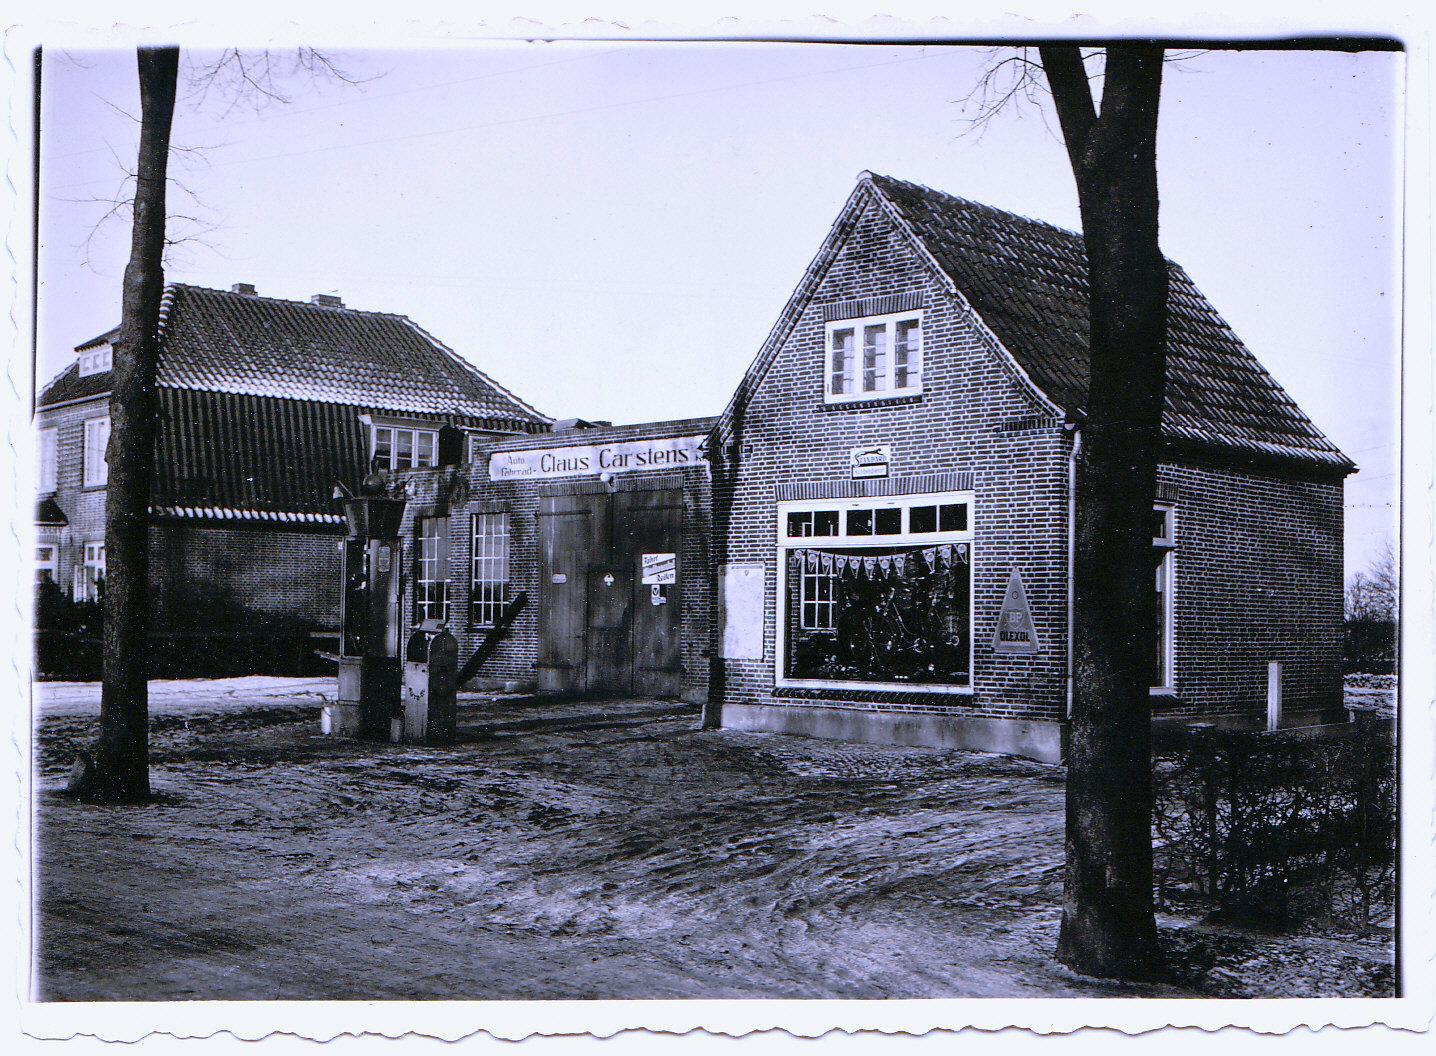 Claus Carstens cc-r 1938